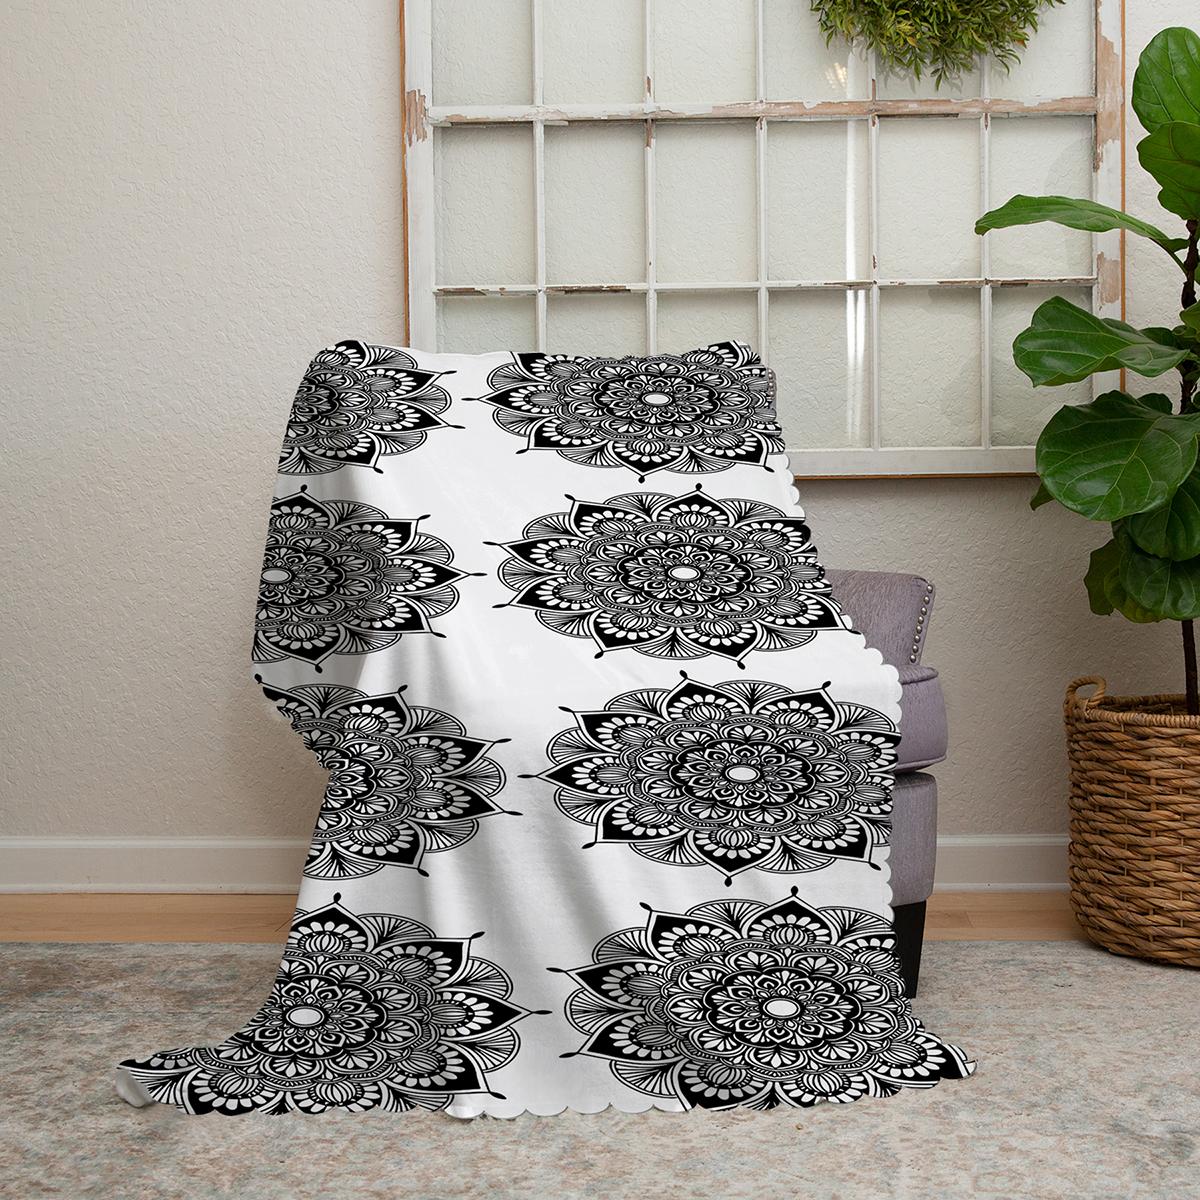 Realhomes Beyaz Zeminde Çiçek Mandala Desenli Şönil Koltuk Şalı Realhomes